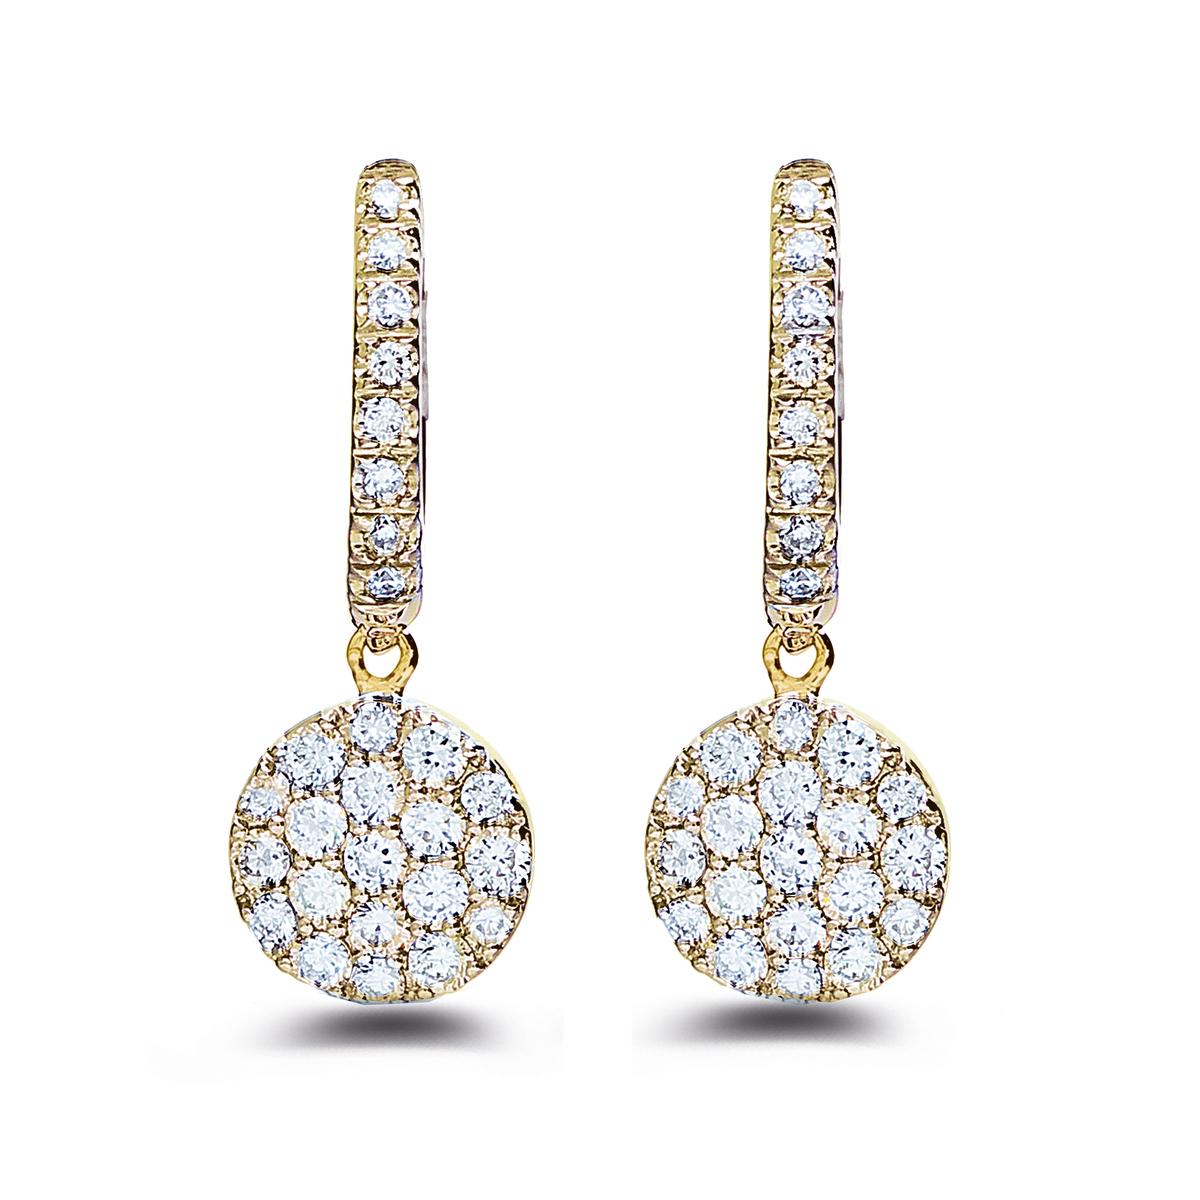 eolo earrings in yellow gold